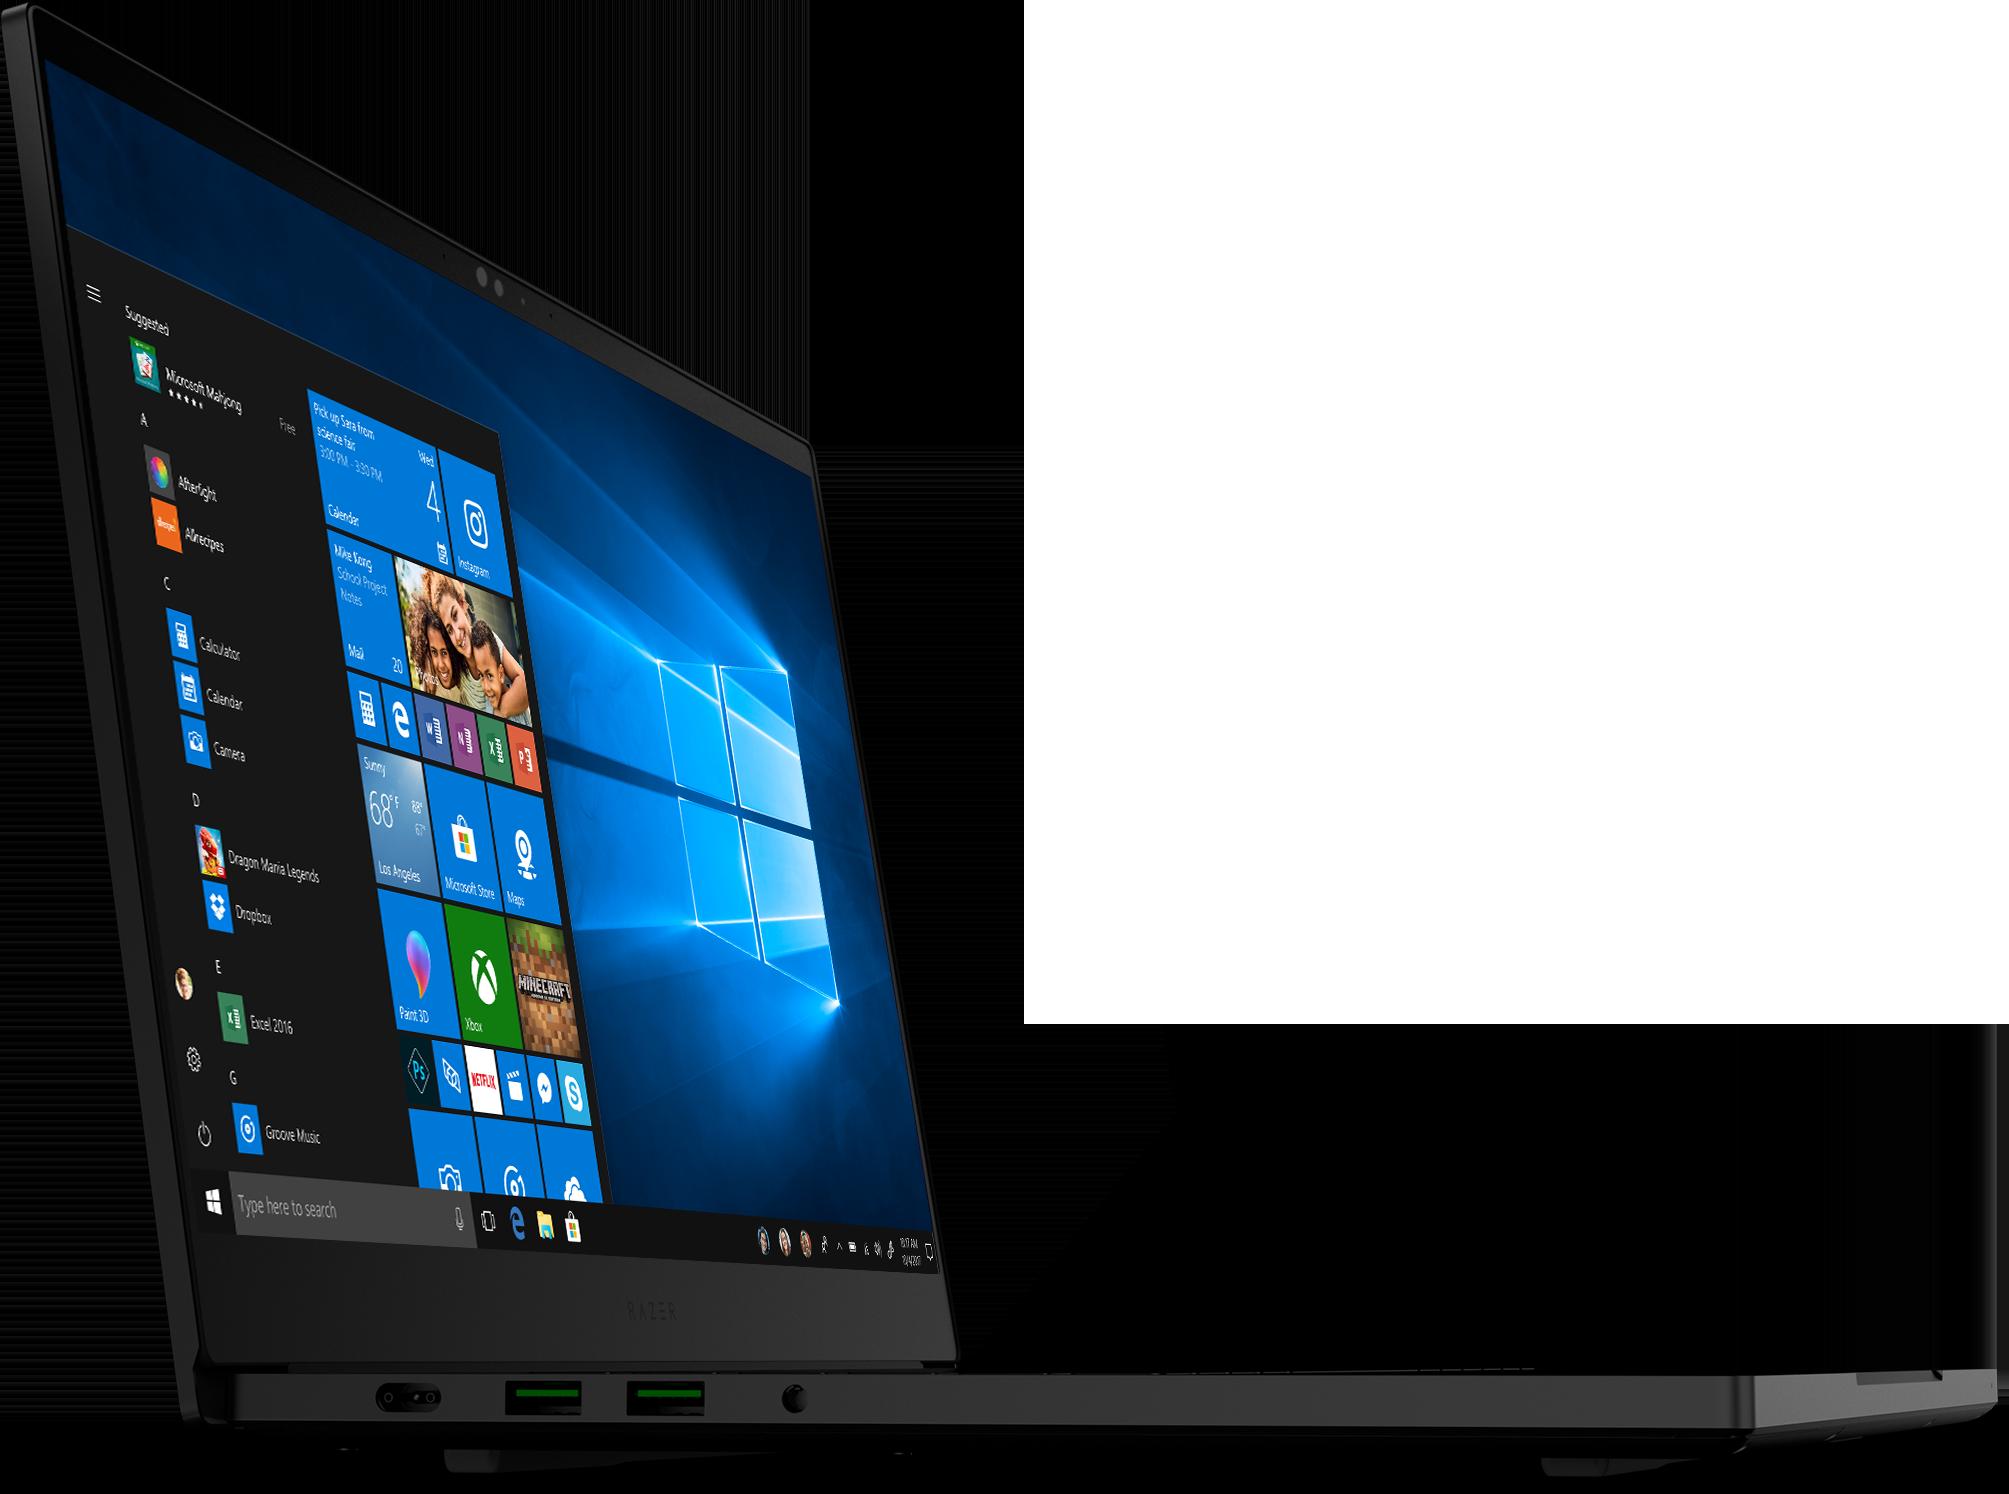 Buy Razer Blade 15 Gaming Laptop - Microsoft Store